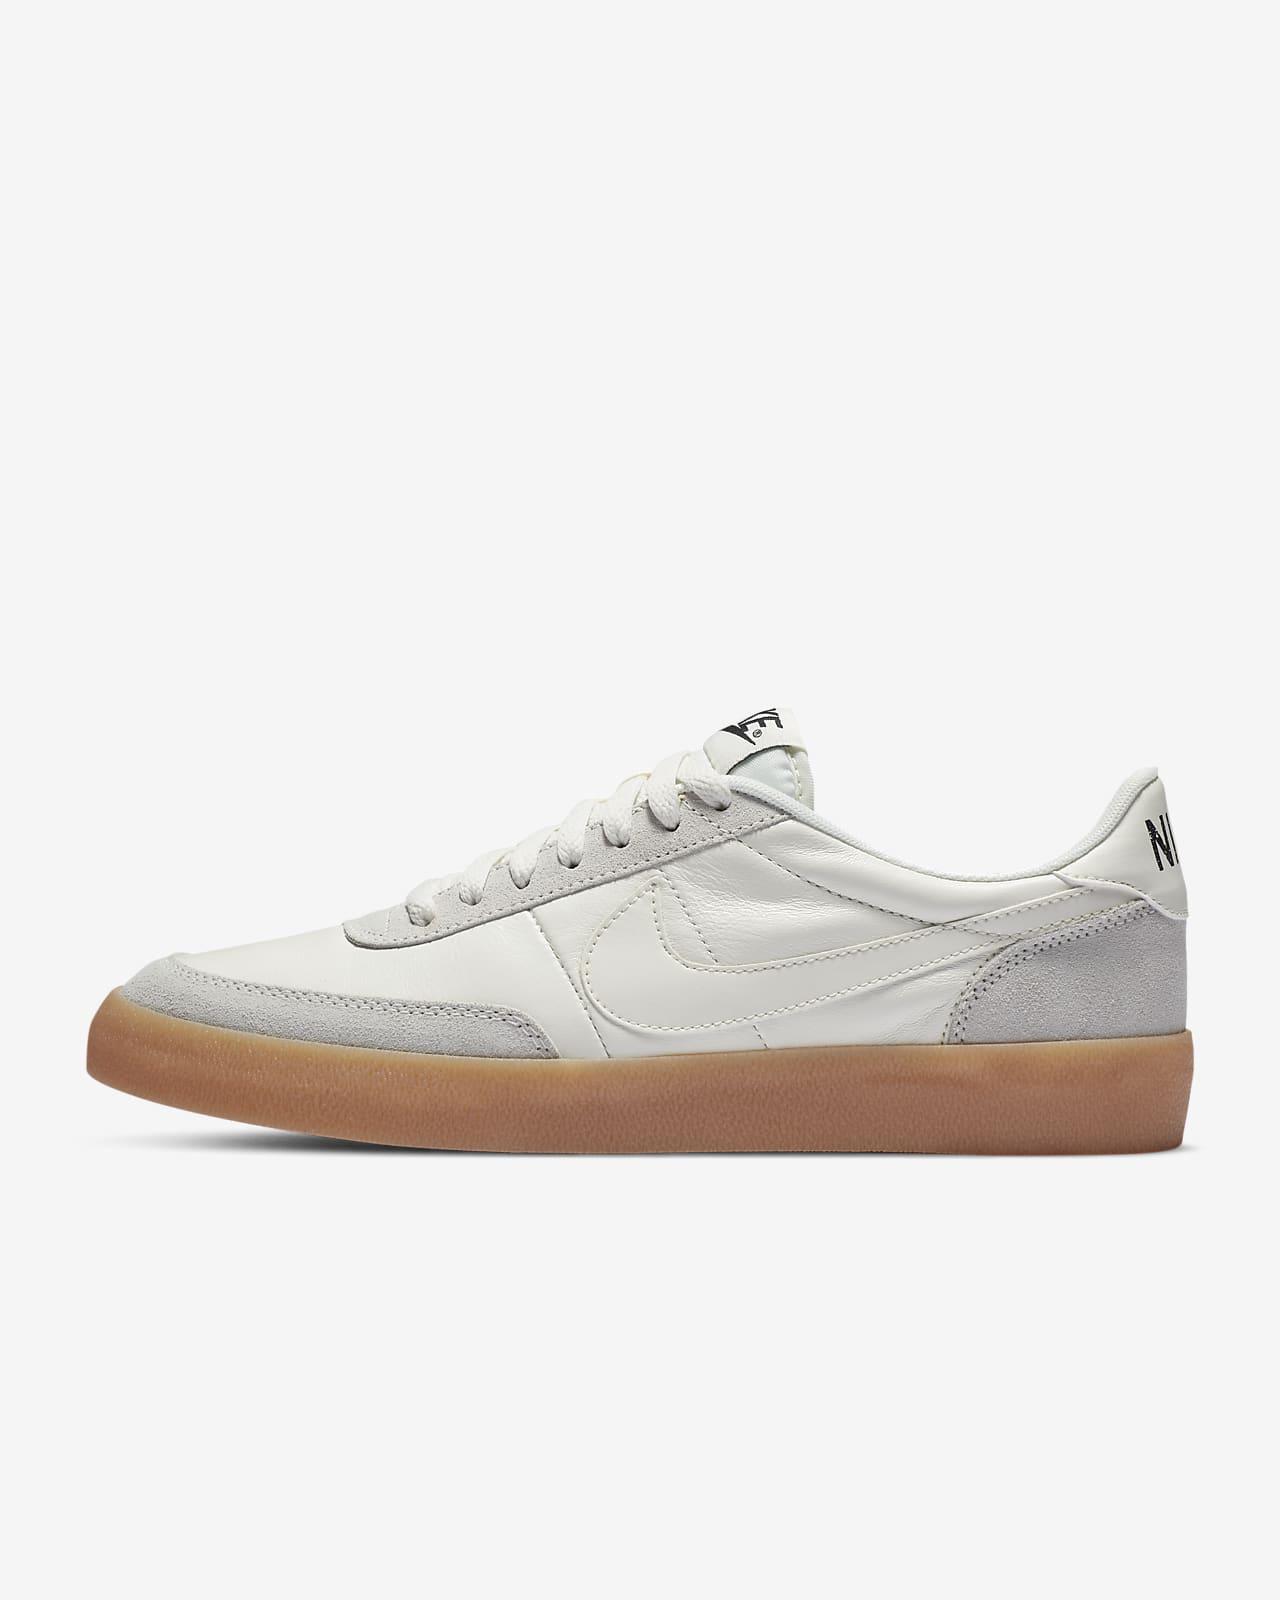 Nike Killshot 2 Leather 男子运动鞋